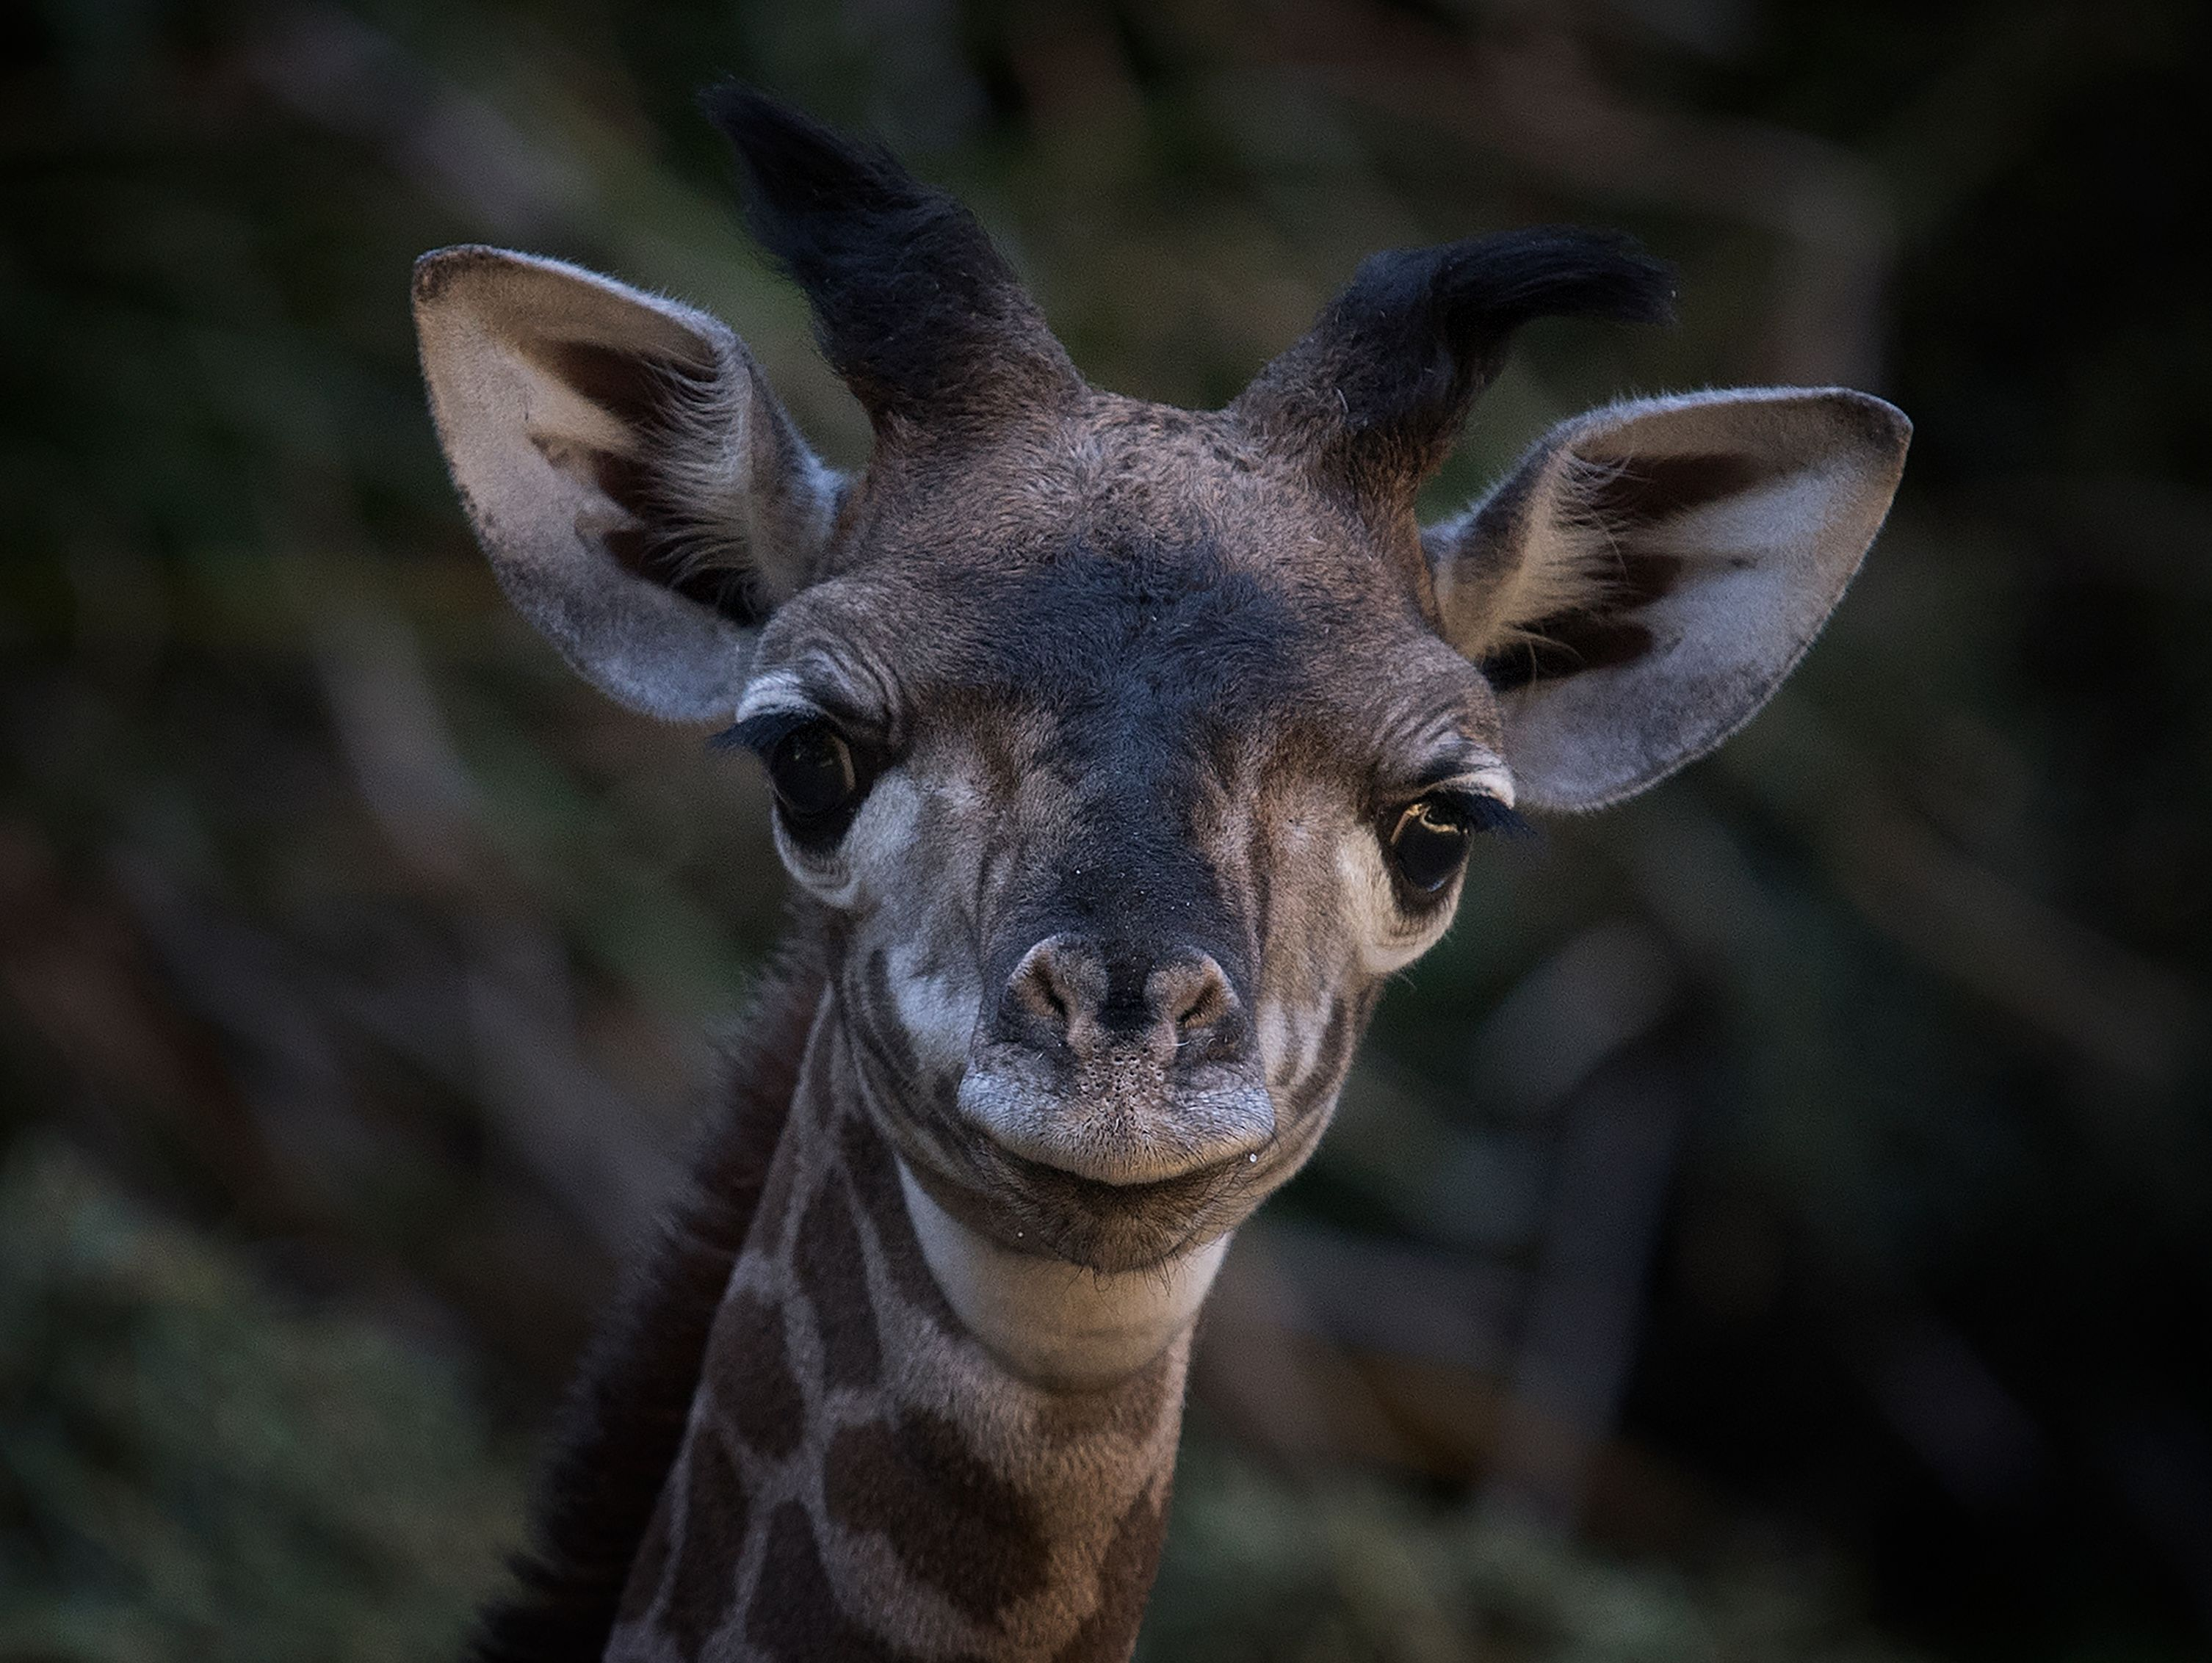 us-animal-zoology-giraffe